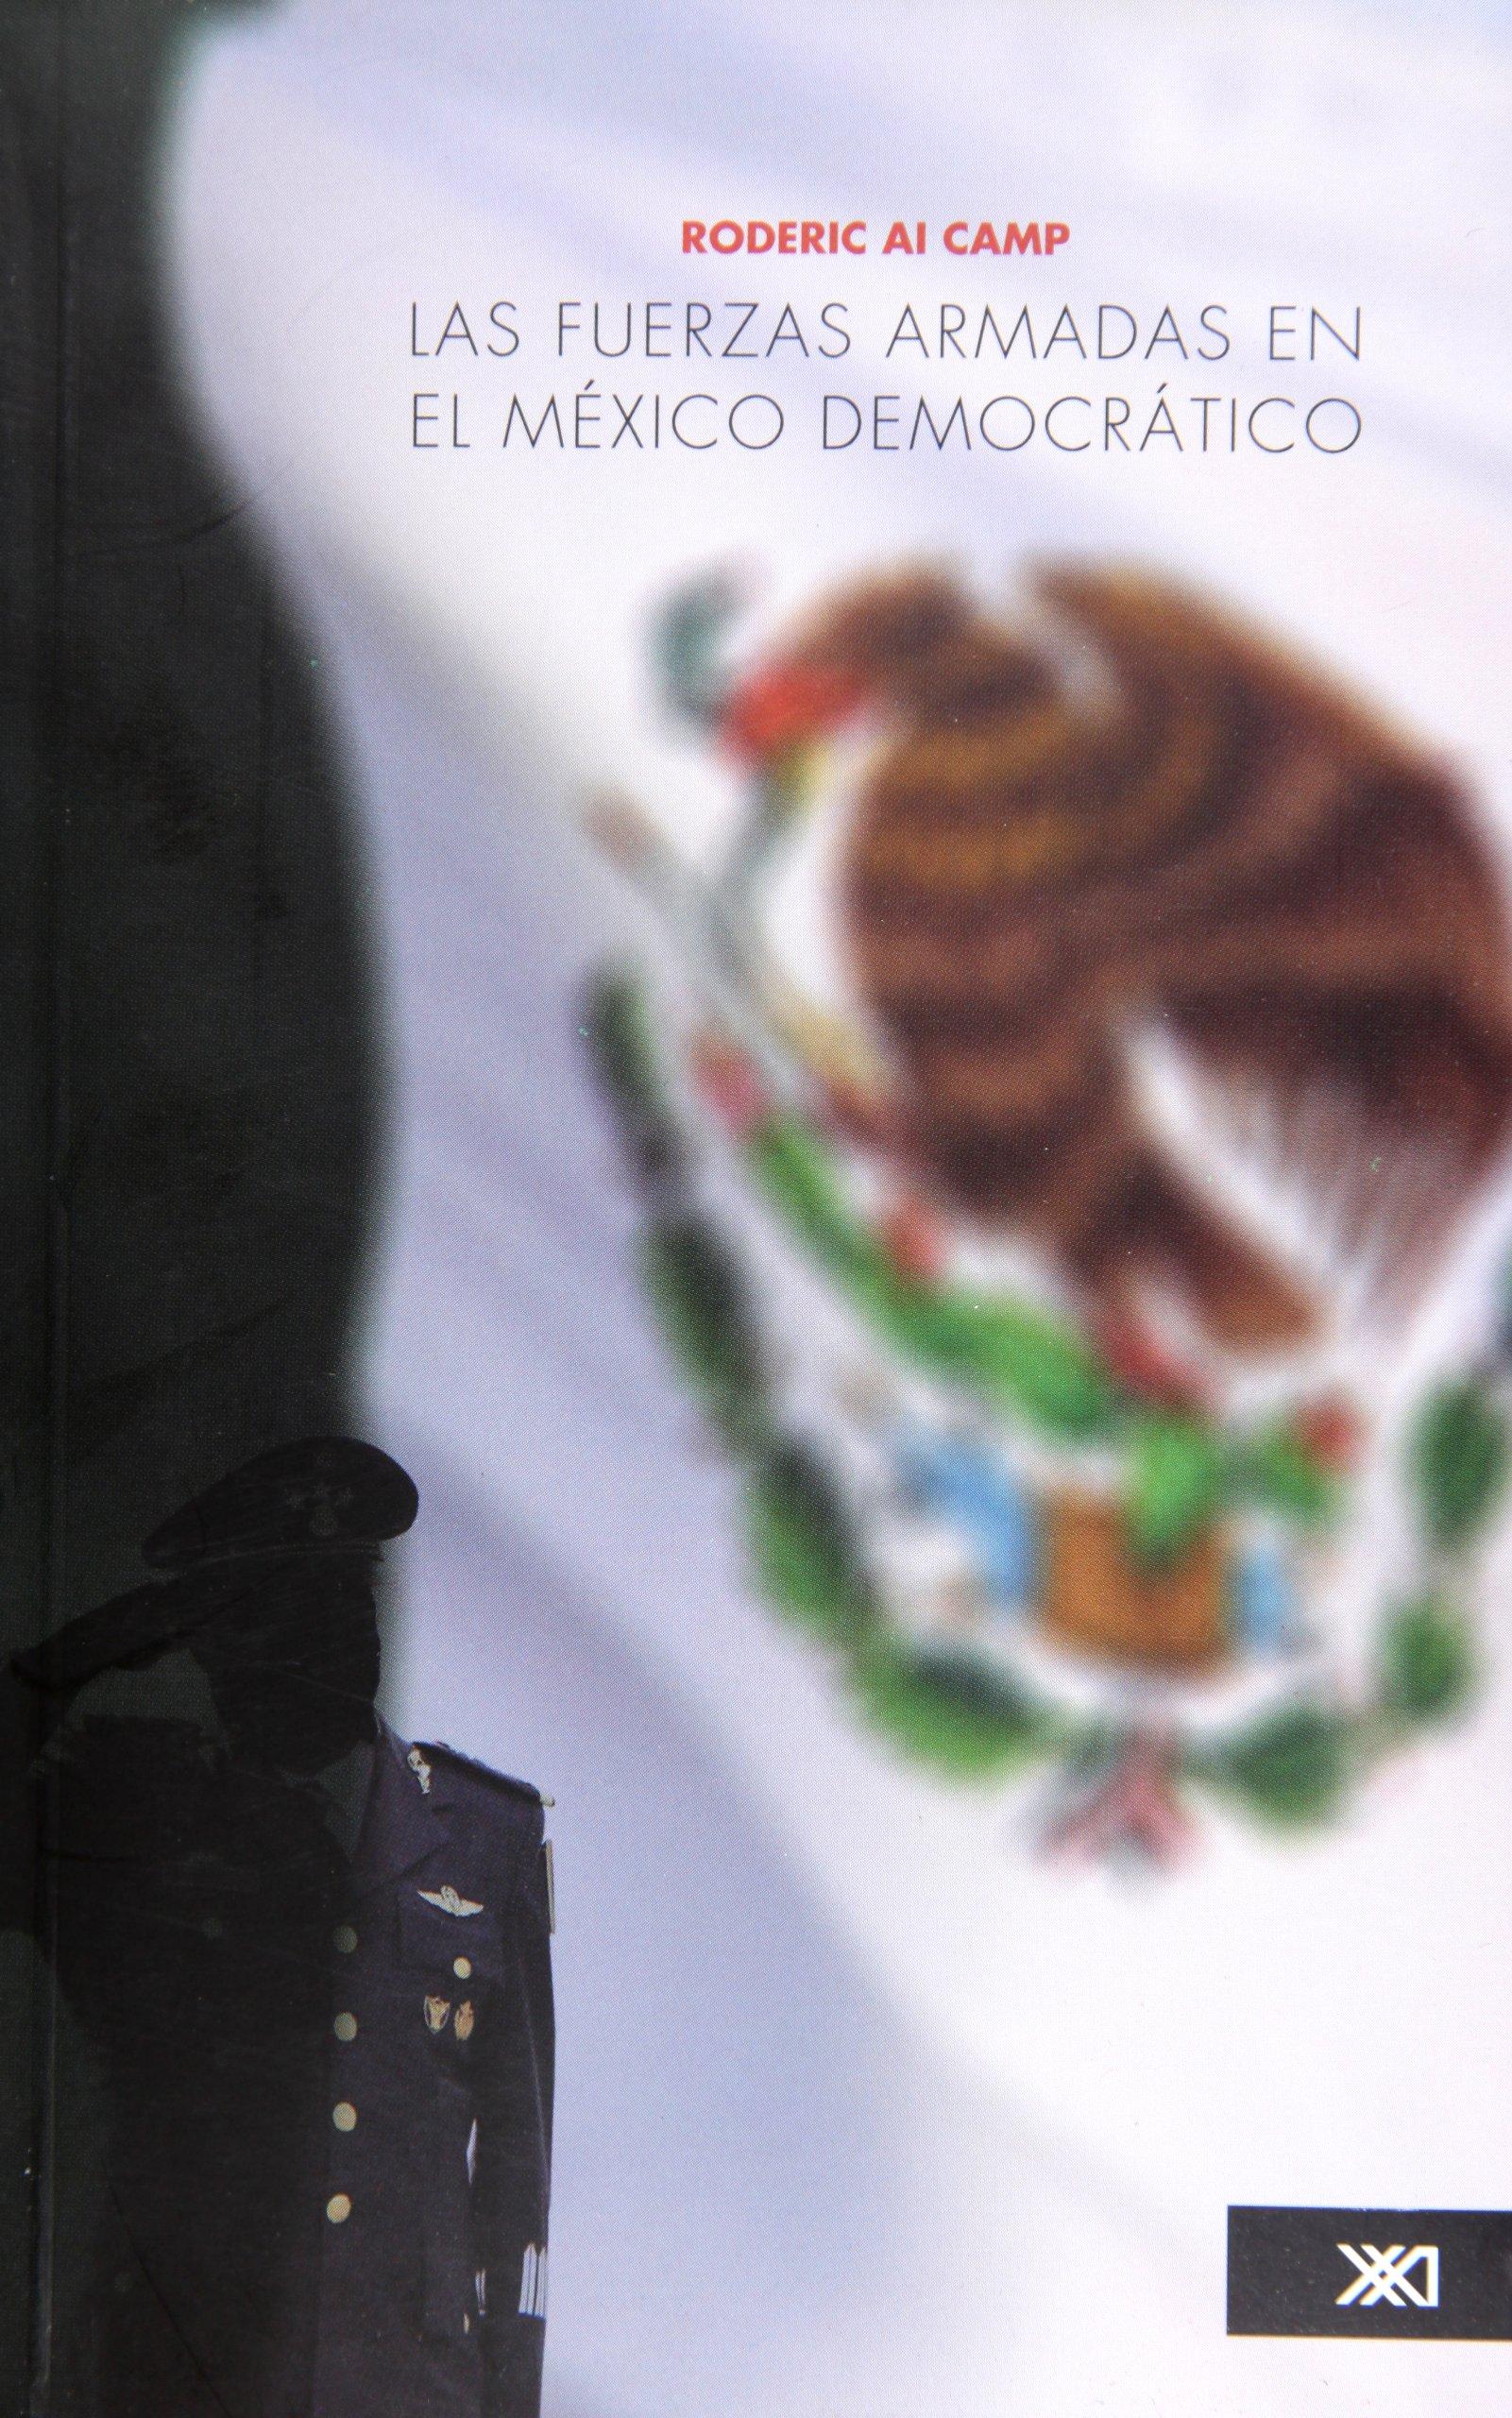 Las fuerzas armadas en el Mexico democratico (Spanish Edition): Roderic Ai Camp: 9786070302480: Amazon.com: Books